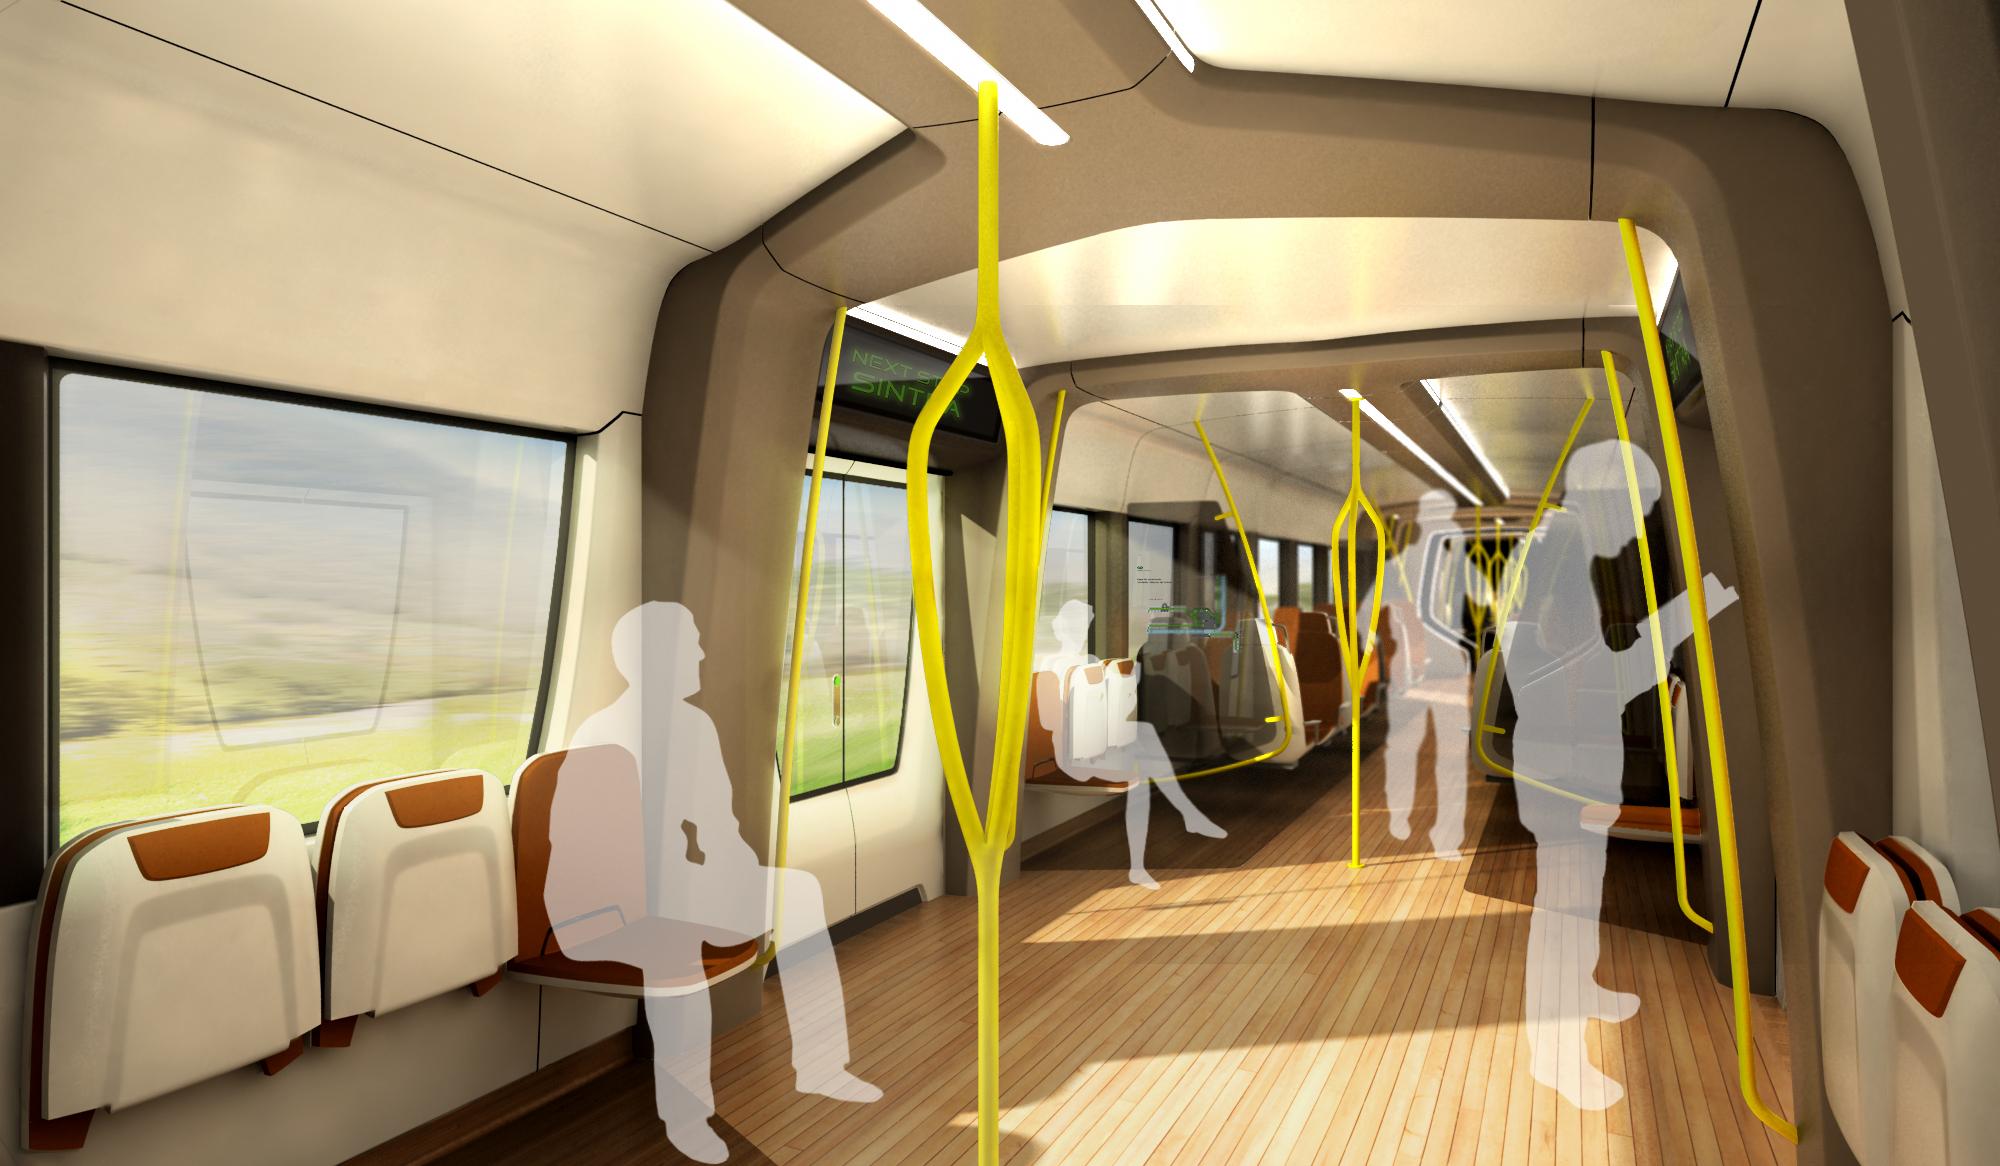 inTRAIN ou lavenir du design intrieur des trains  Forbo Flooring Transport